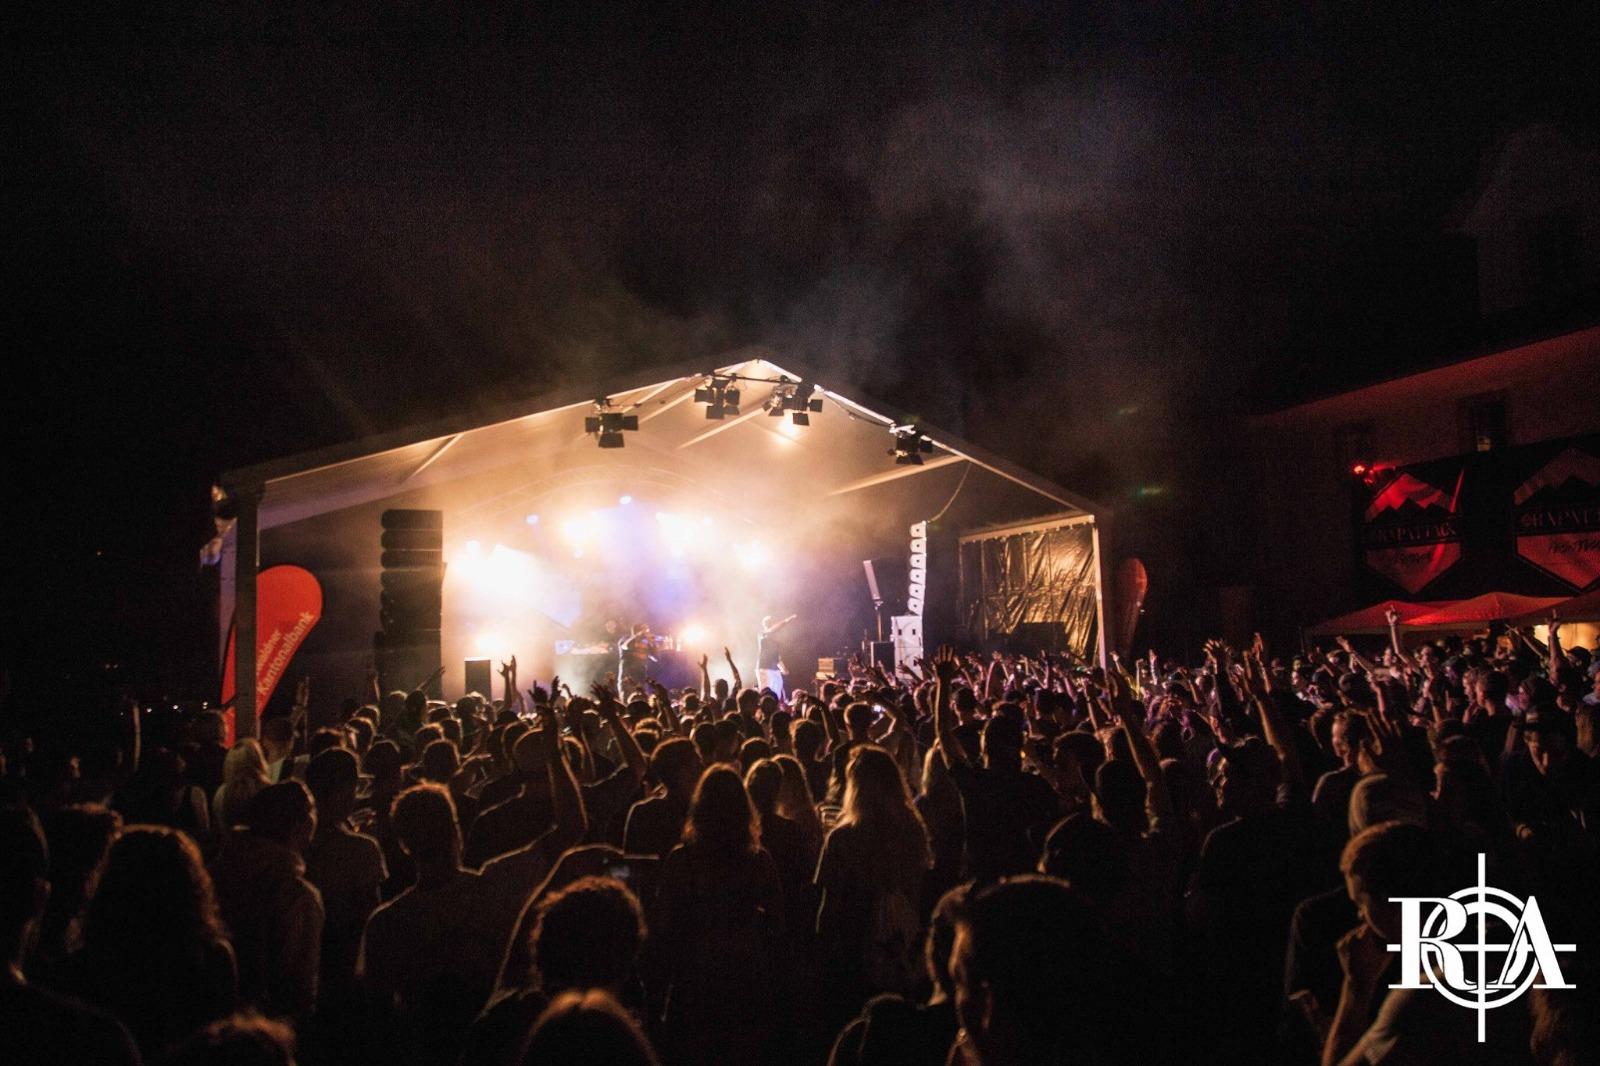 Rapattack – das einzige HipHop-Festival in der Zentralschweiz